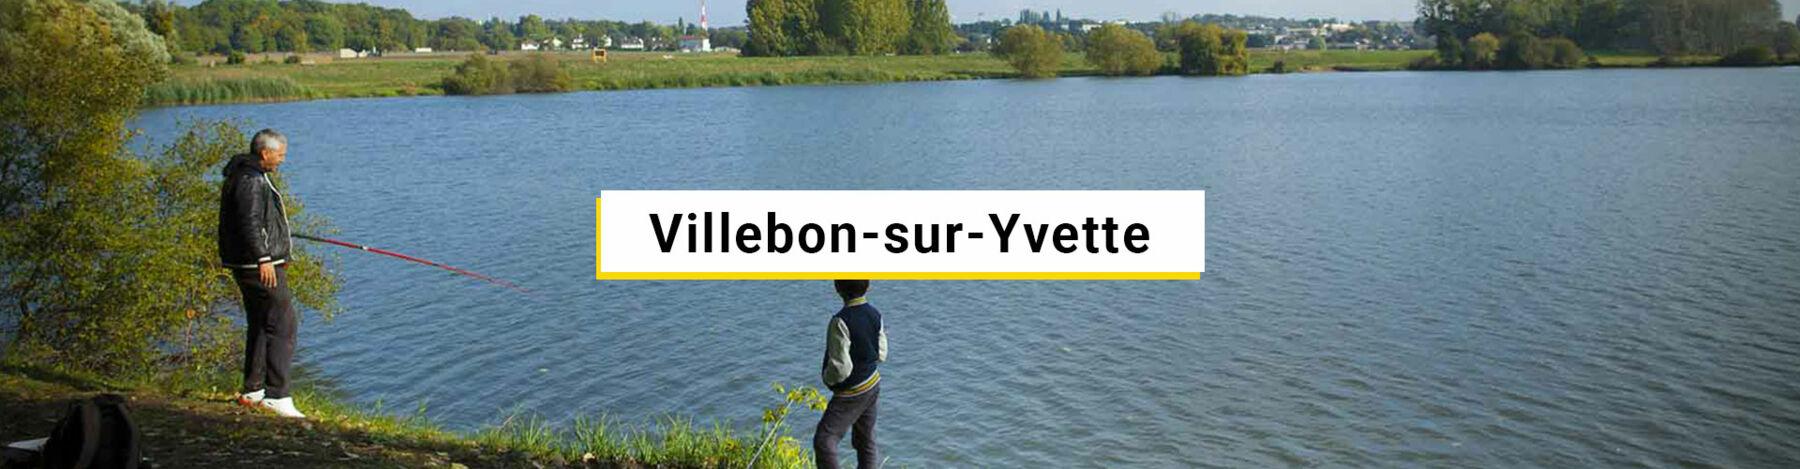 Villebon-Sur-Yvette boutiques